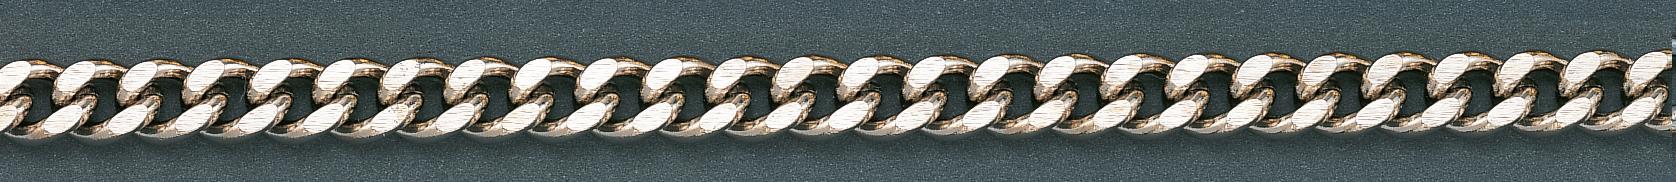 Zakhorlogeketting Gourmet geslepen, Nieuw zilver 35cm